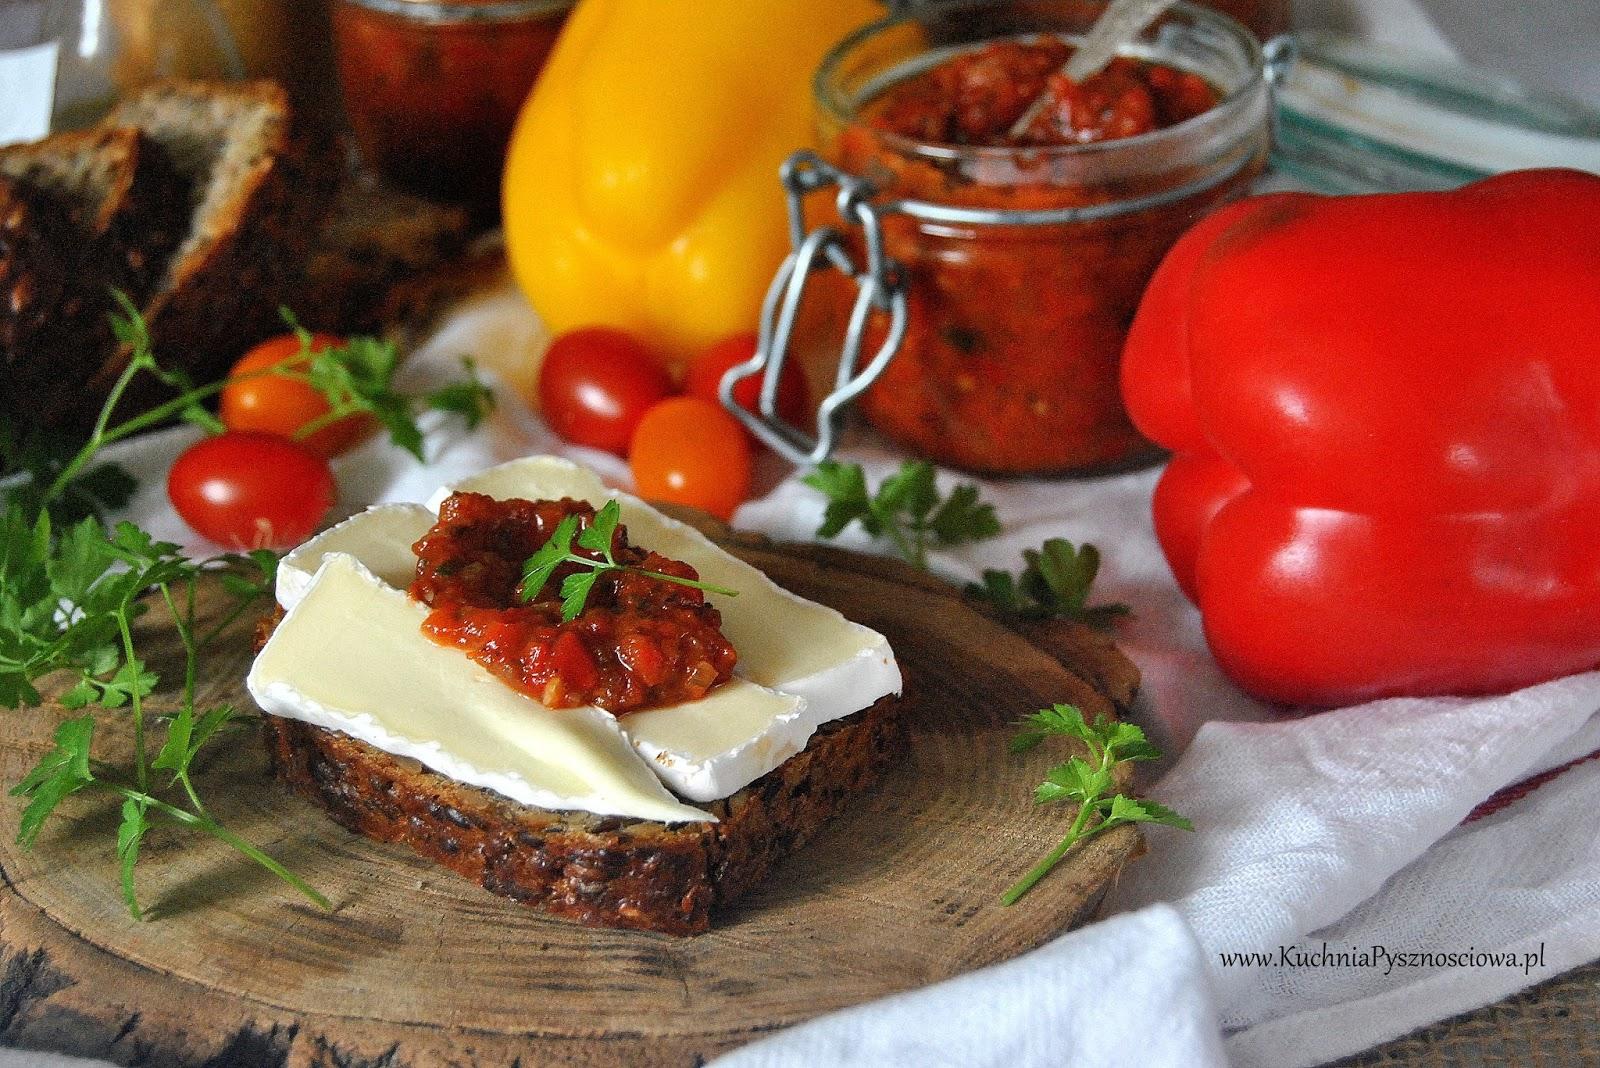 540. Pindżur, bałkańska pasta warzywna z pomidorami, papryką i bakłażanem